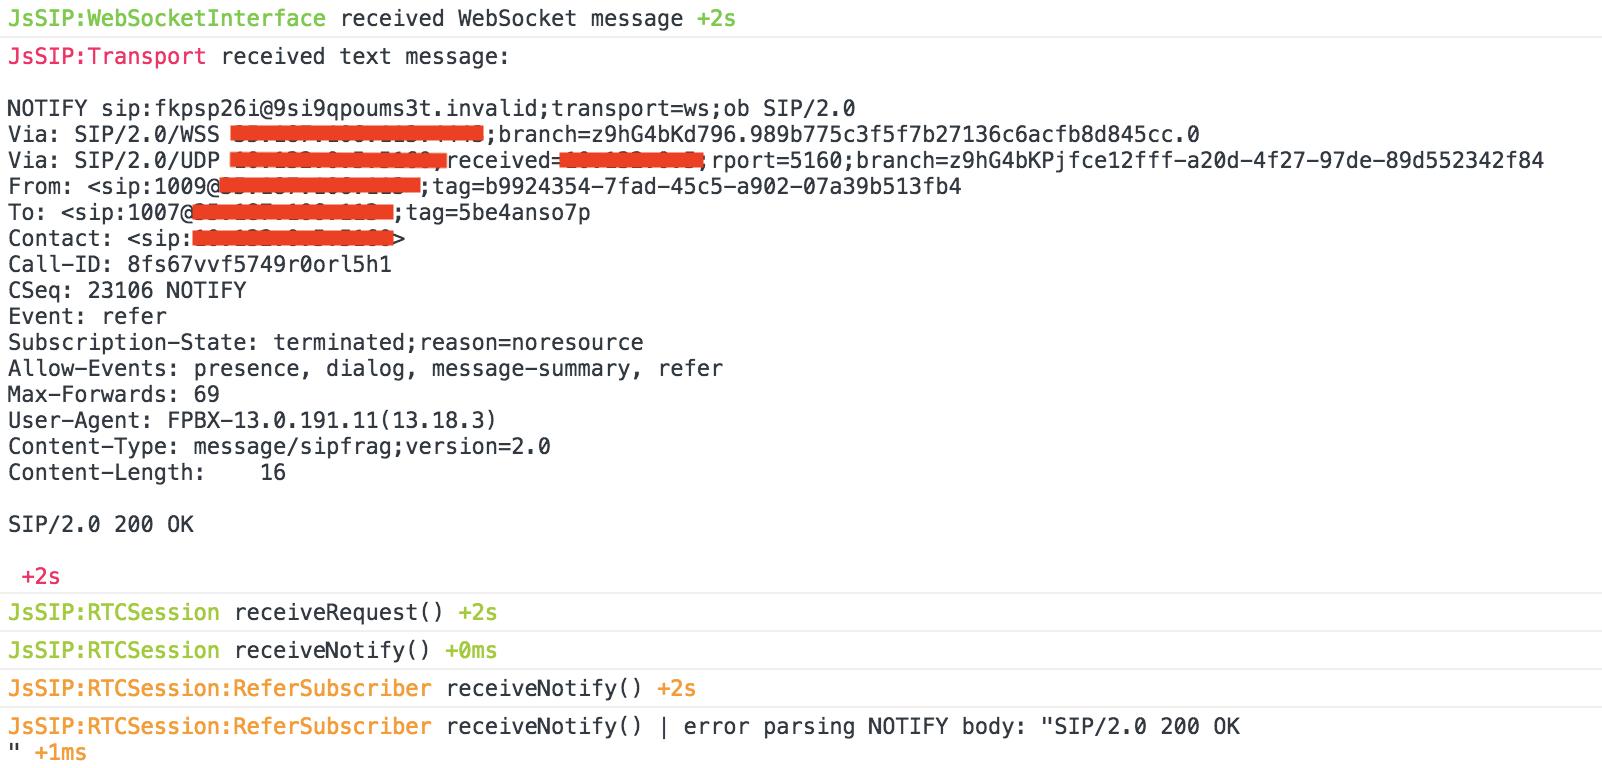 error parsing NOTIFY body · Issue #493 · versatica/JsSIP